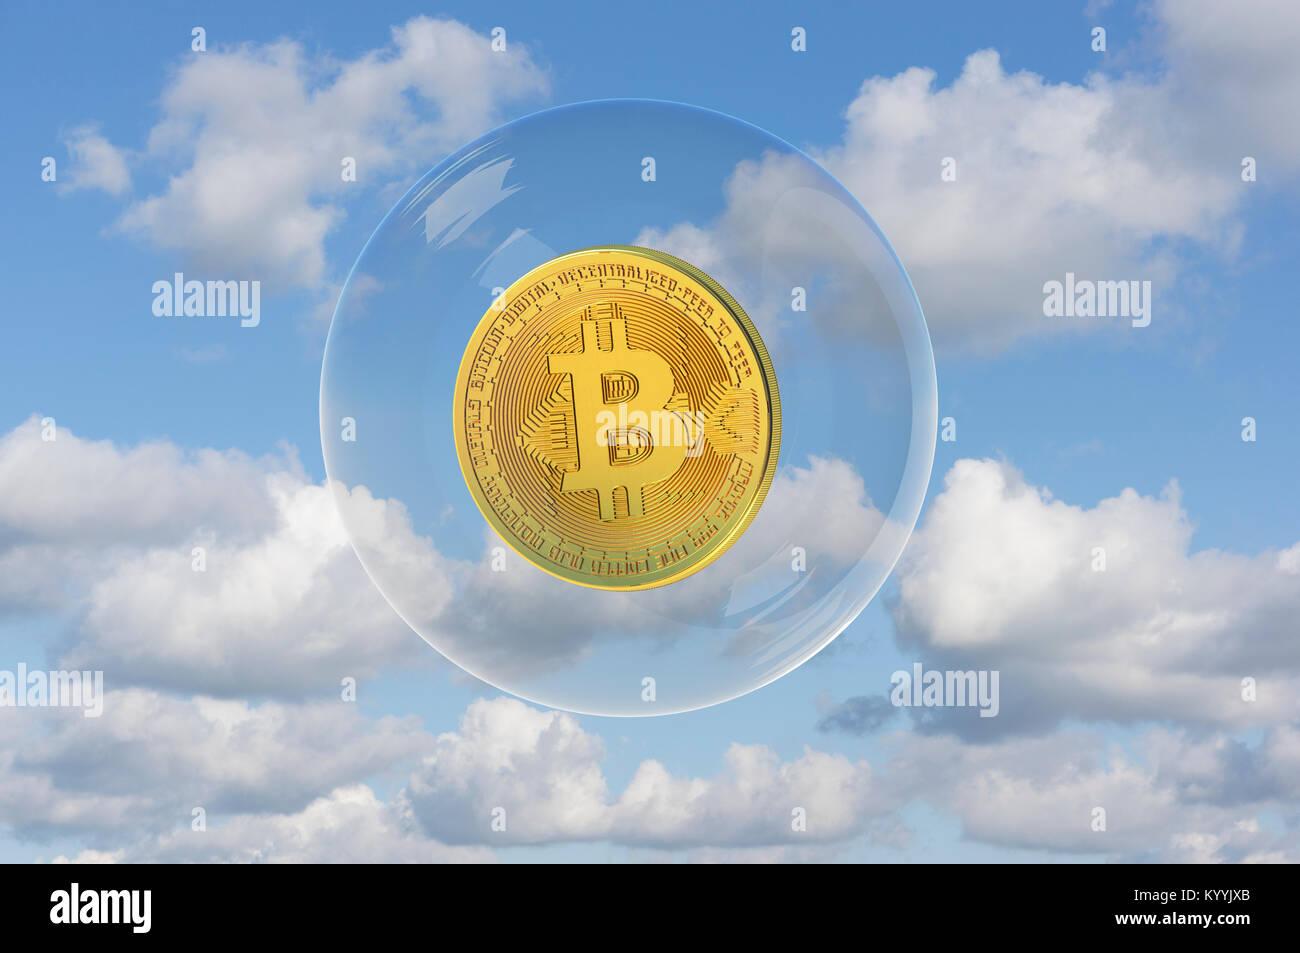 Bitcoin flottante in una bolla - concetto di valutazione Immagini Stock